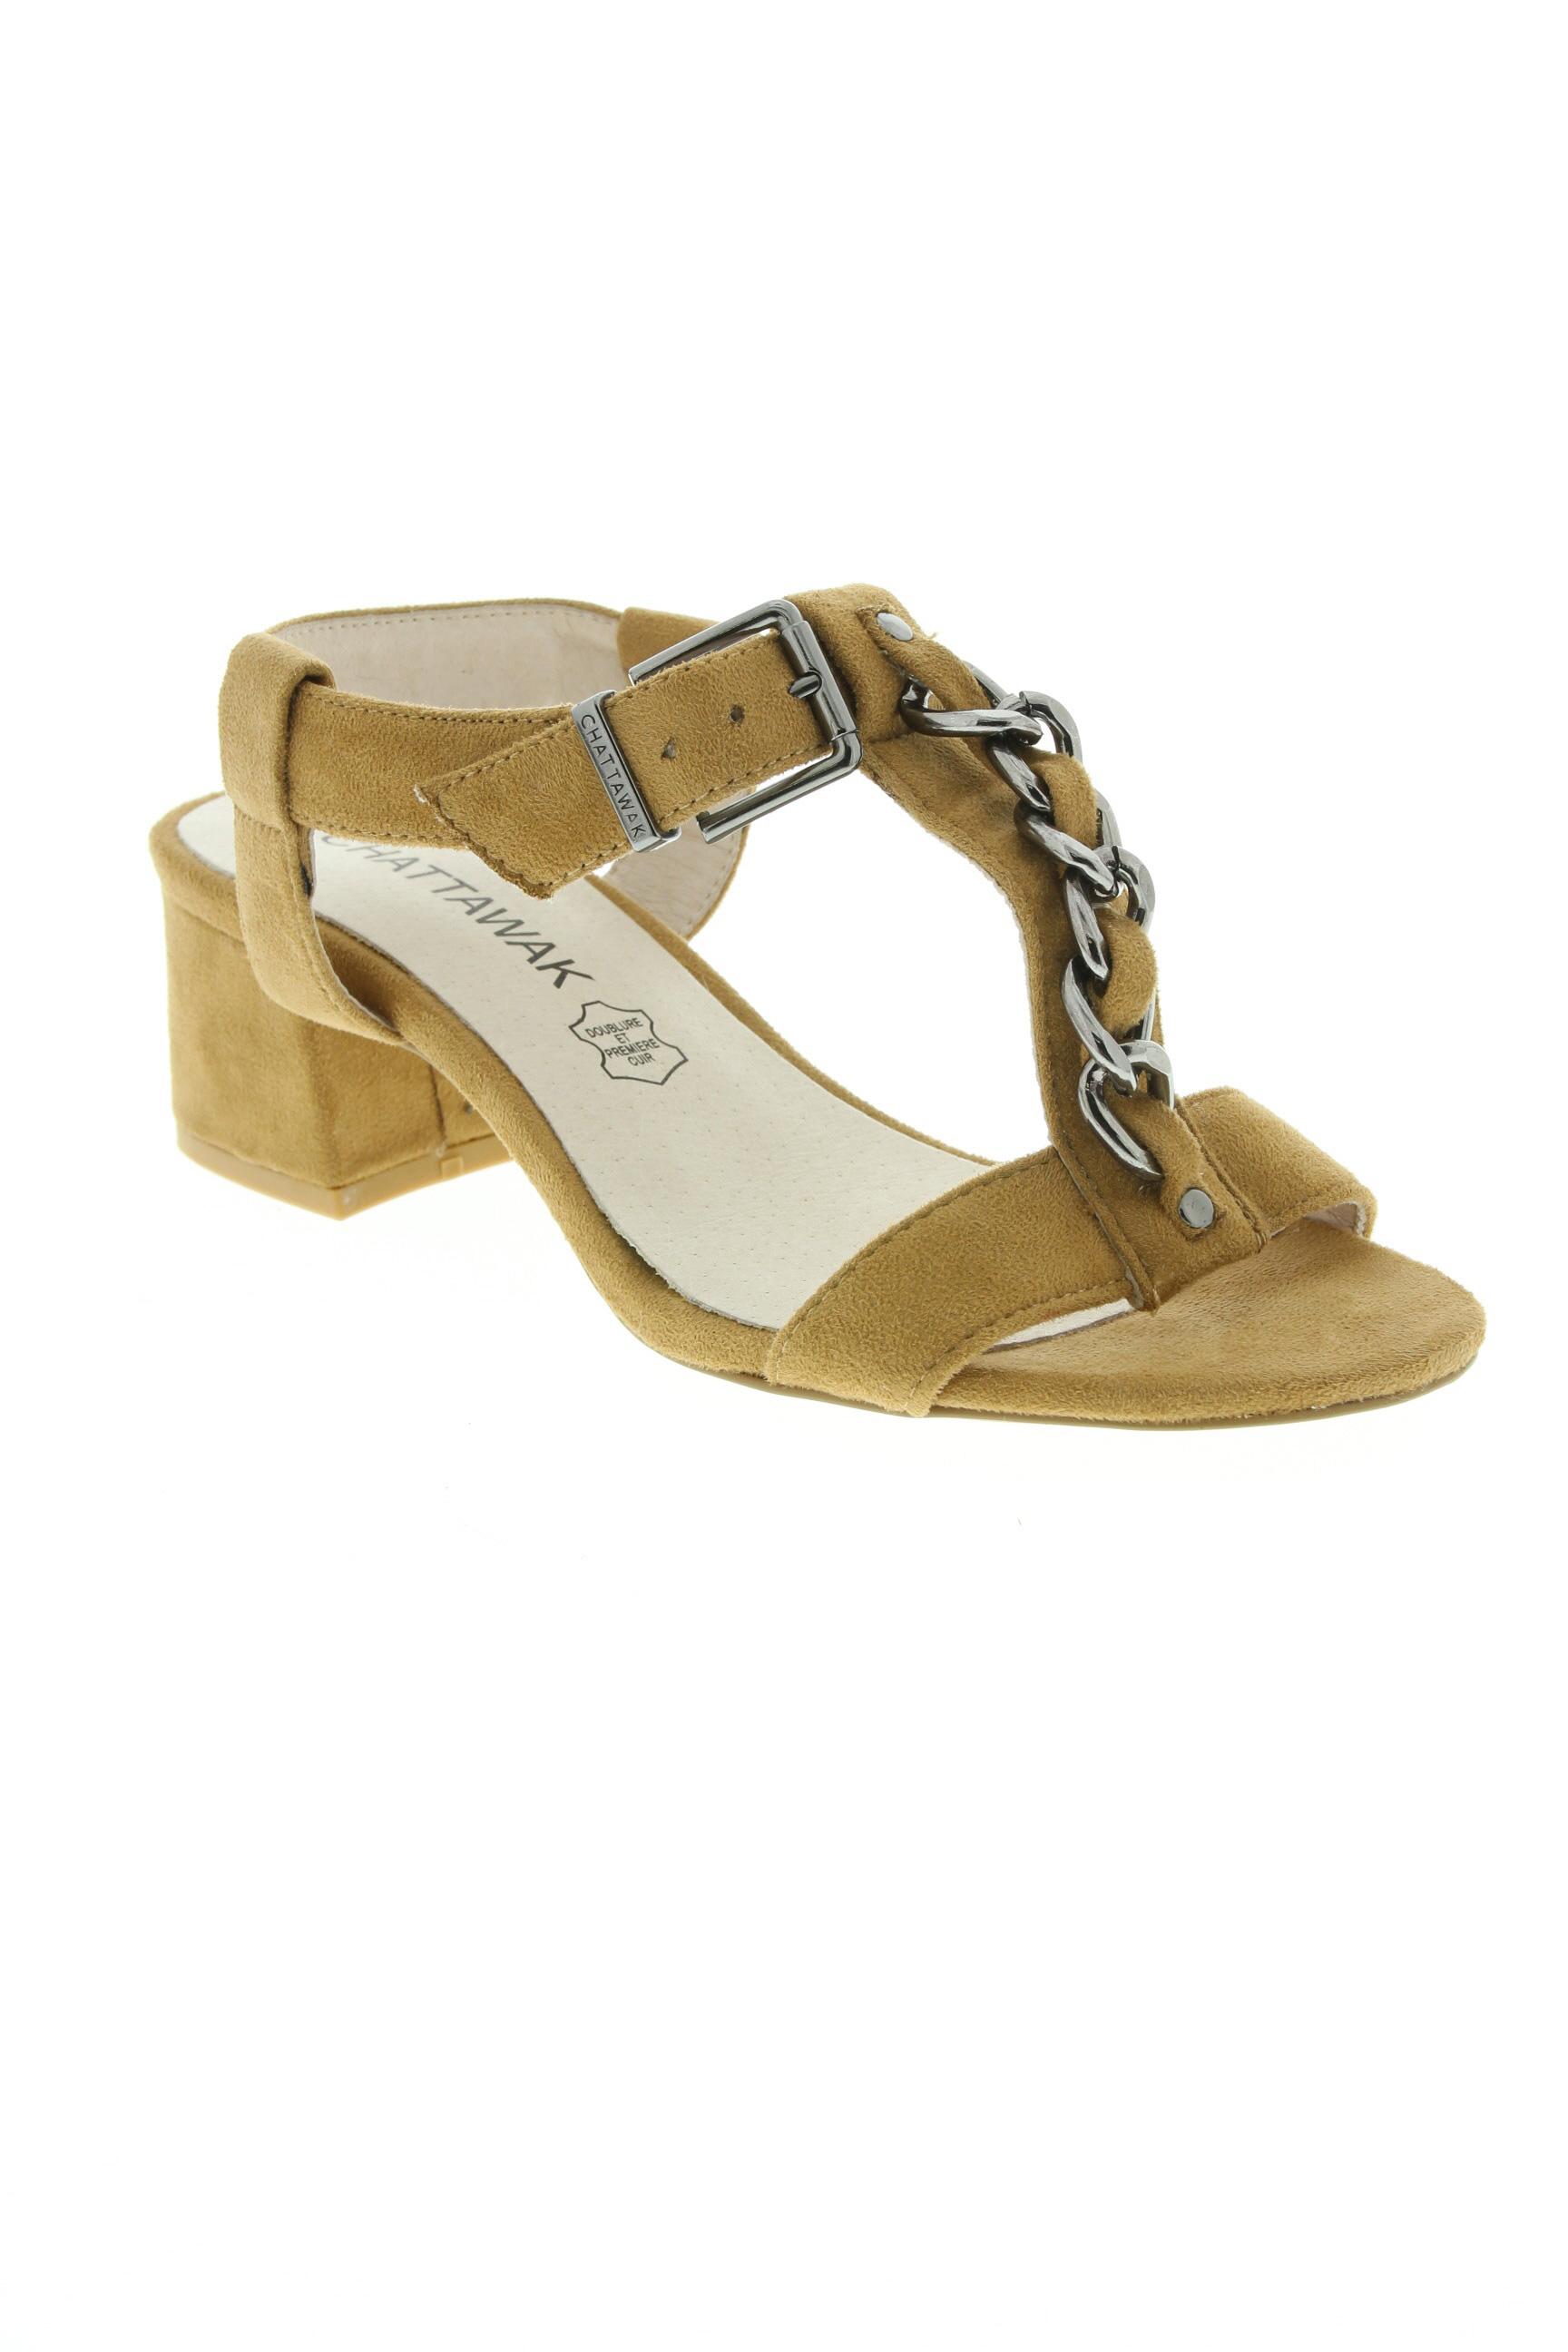 CHATTAWAK Chaussures SandalesNu pieds de couleur beige en soldes pas cher 1332476 beige0 Modz